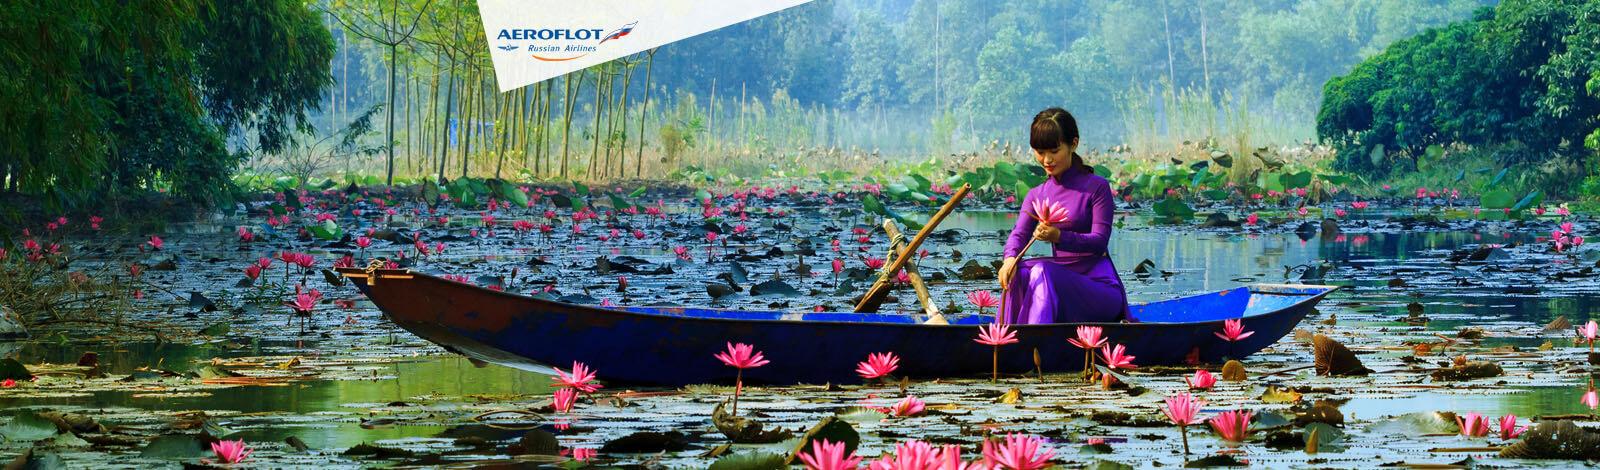 Aeroflot - Hanoi